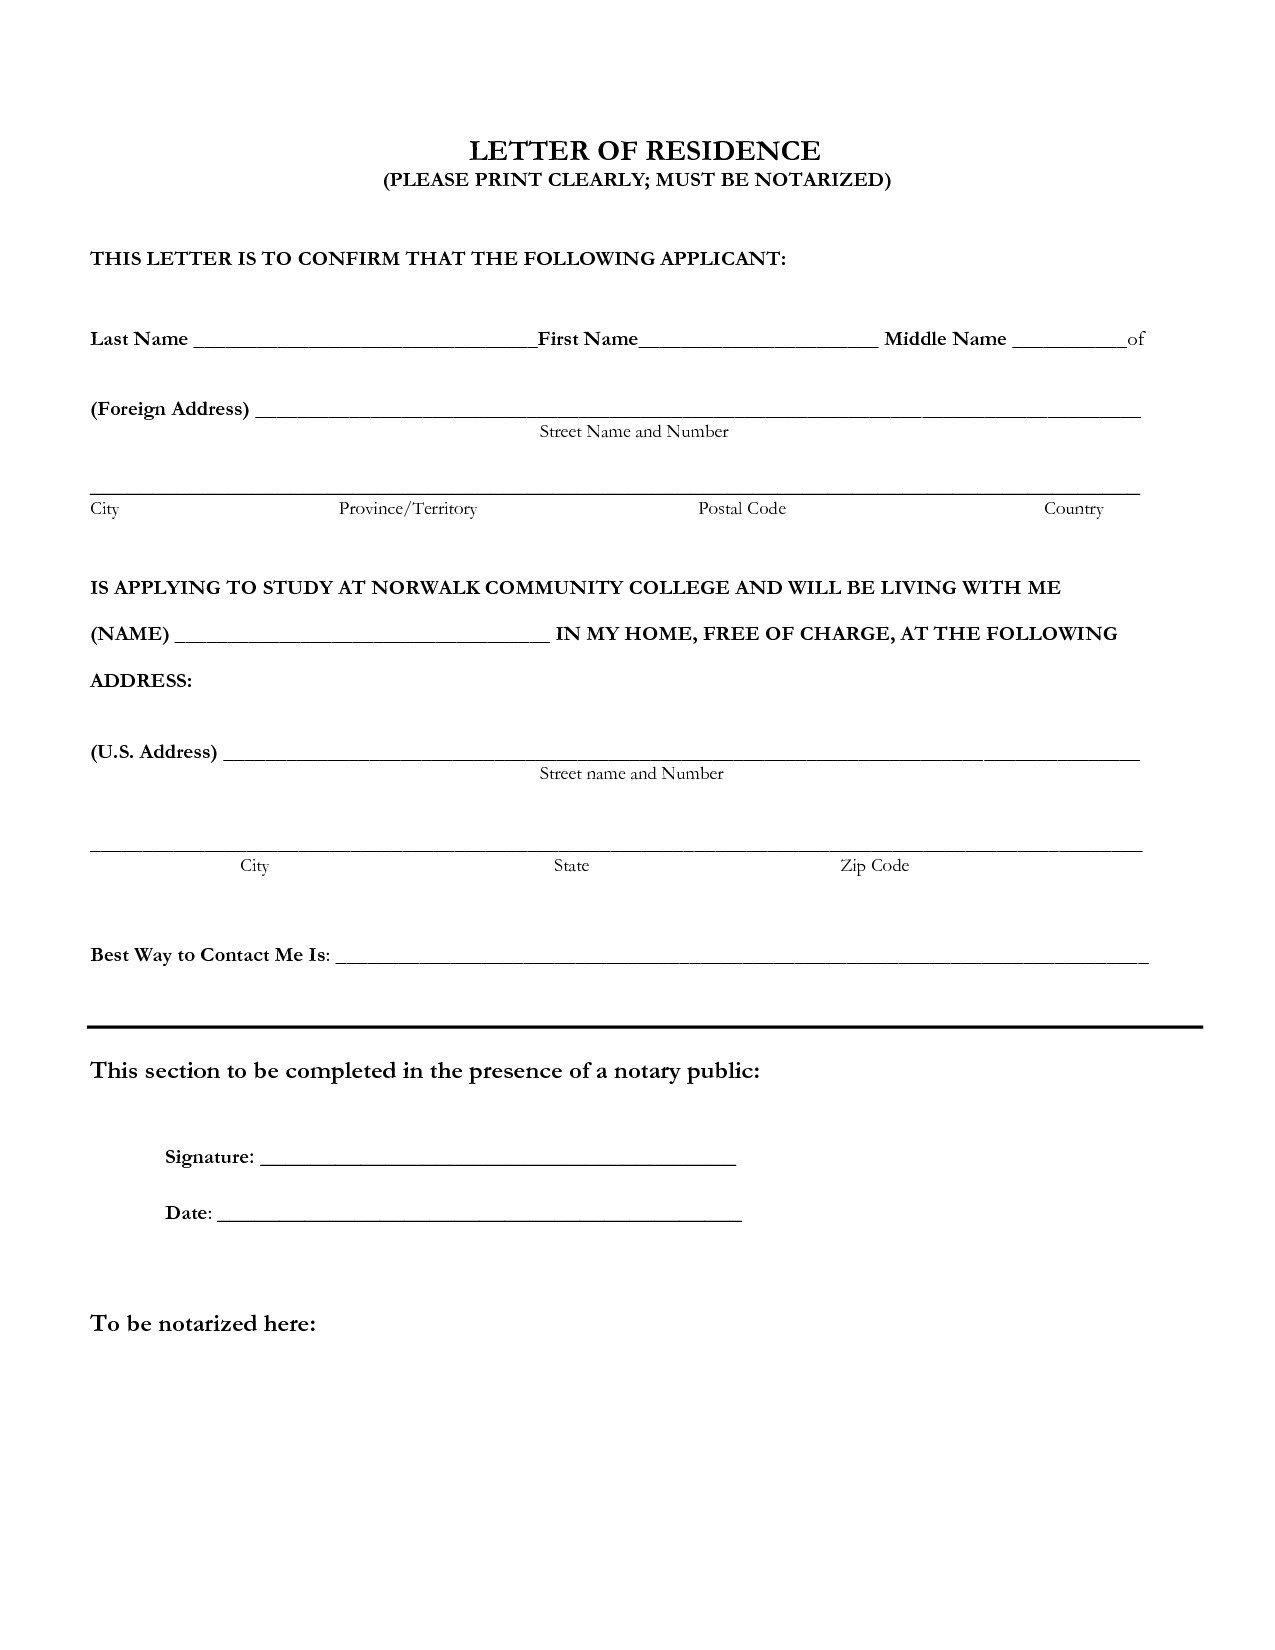 Notarized Letter Of Residency Notarized Letter Sample Residence Flowersheet